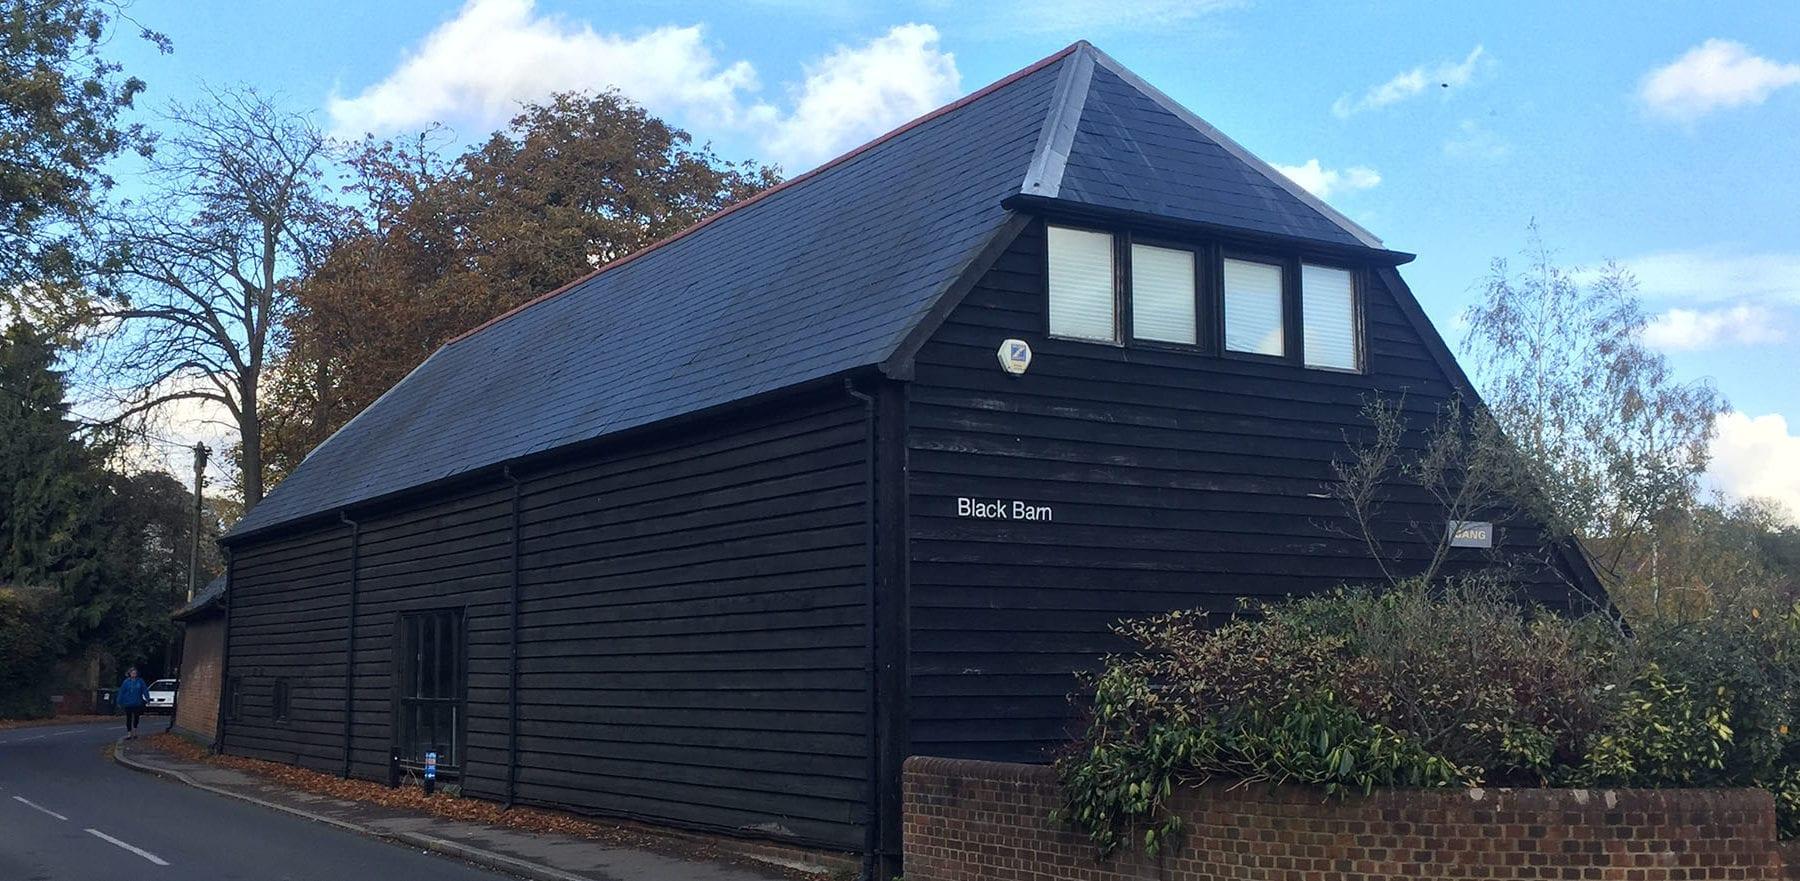 Lifestiles - Spanish Natural Slate Roof Tiles - Black Barn, England 3